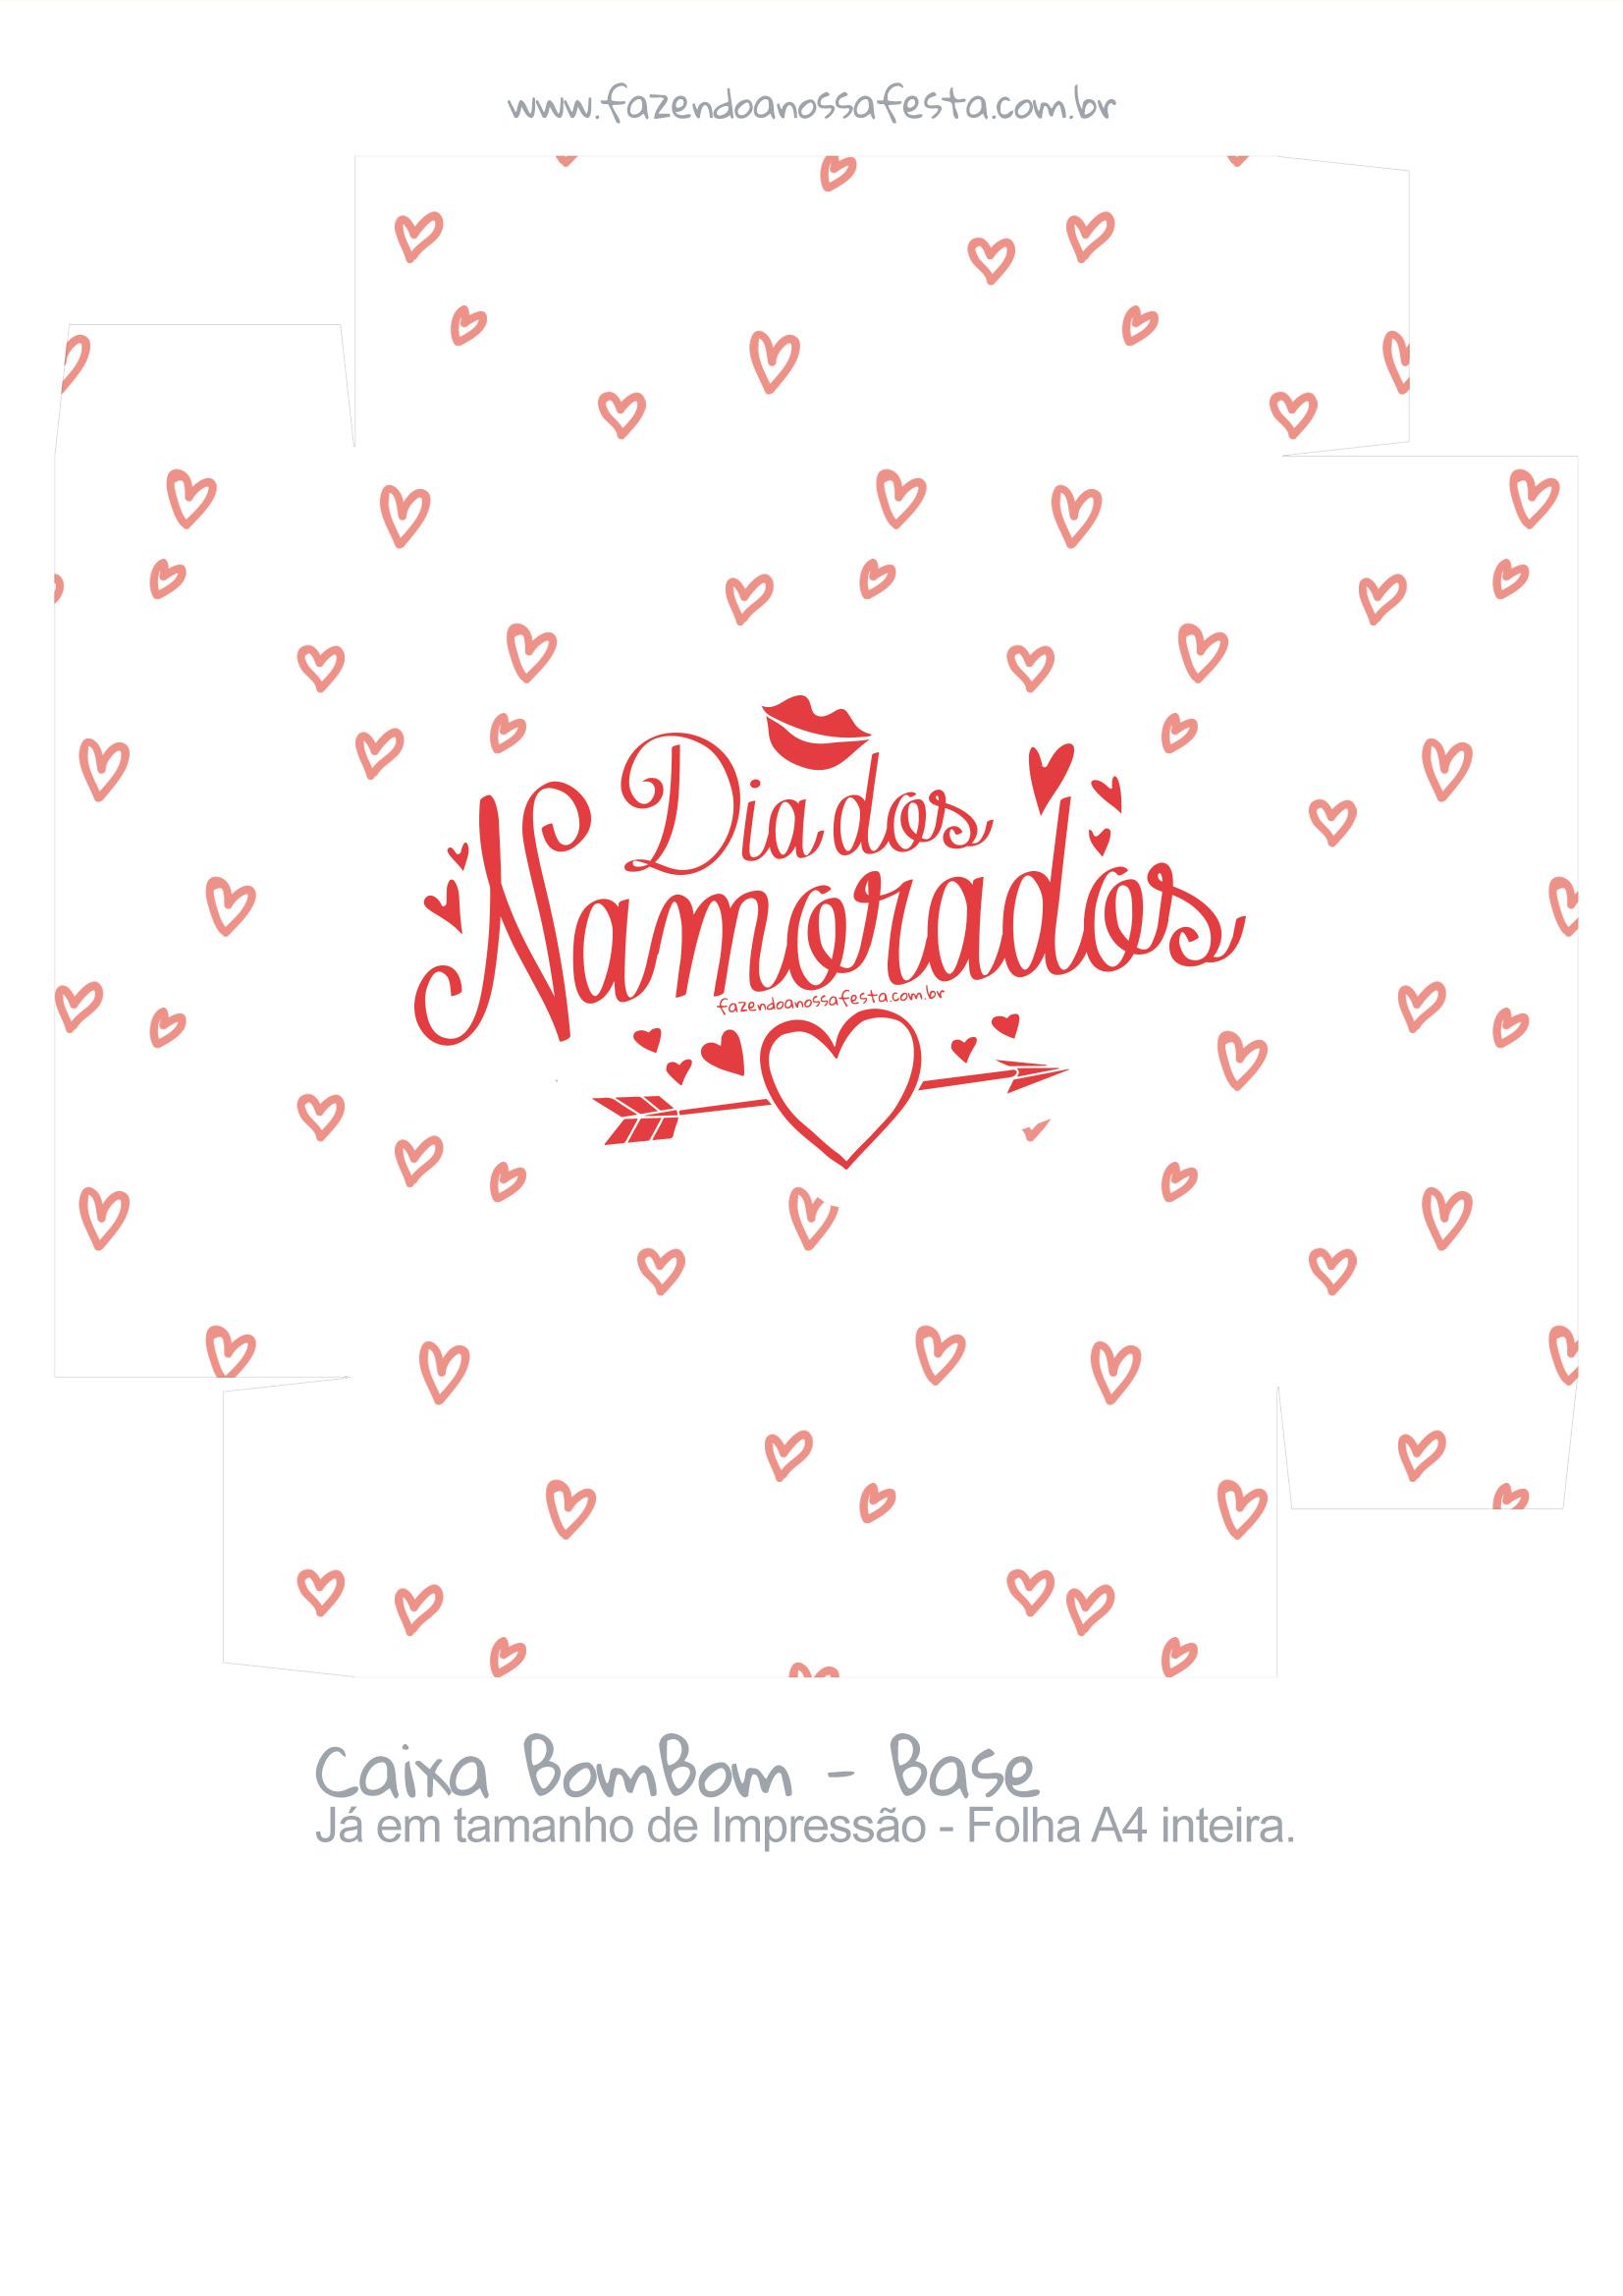 Caixa Bombom Presente Dia dos Namorados - parte 2